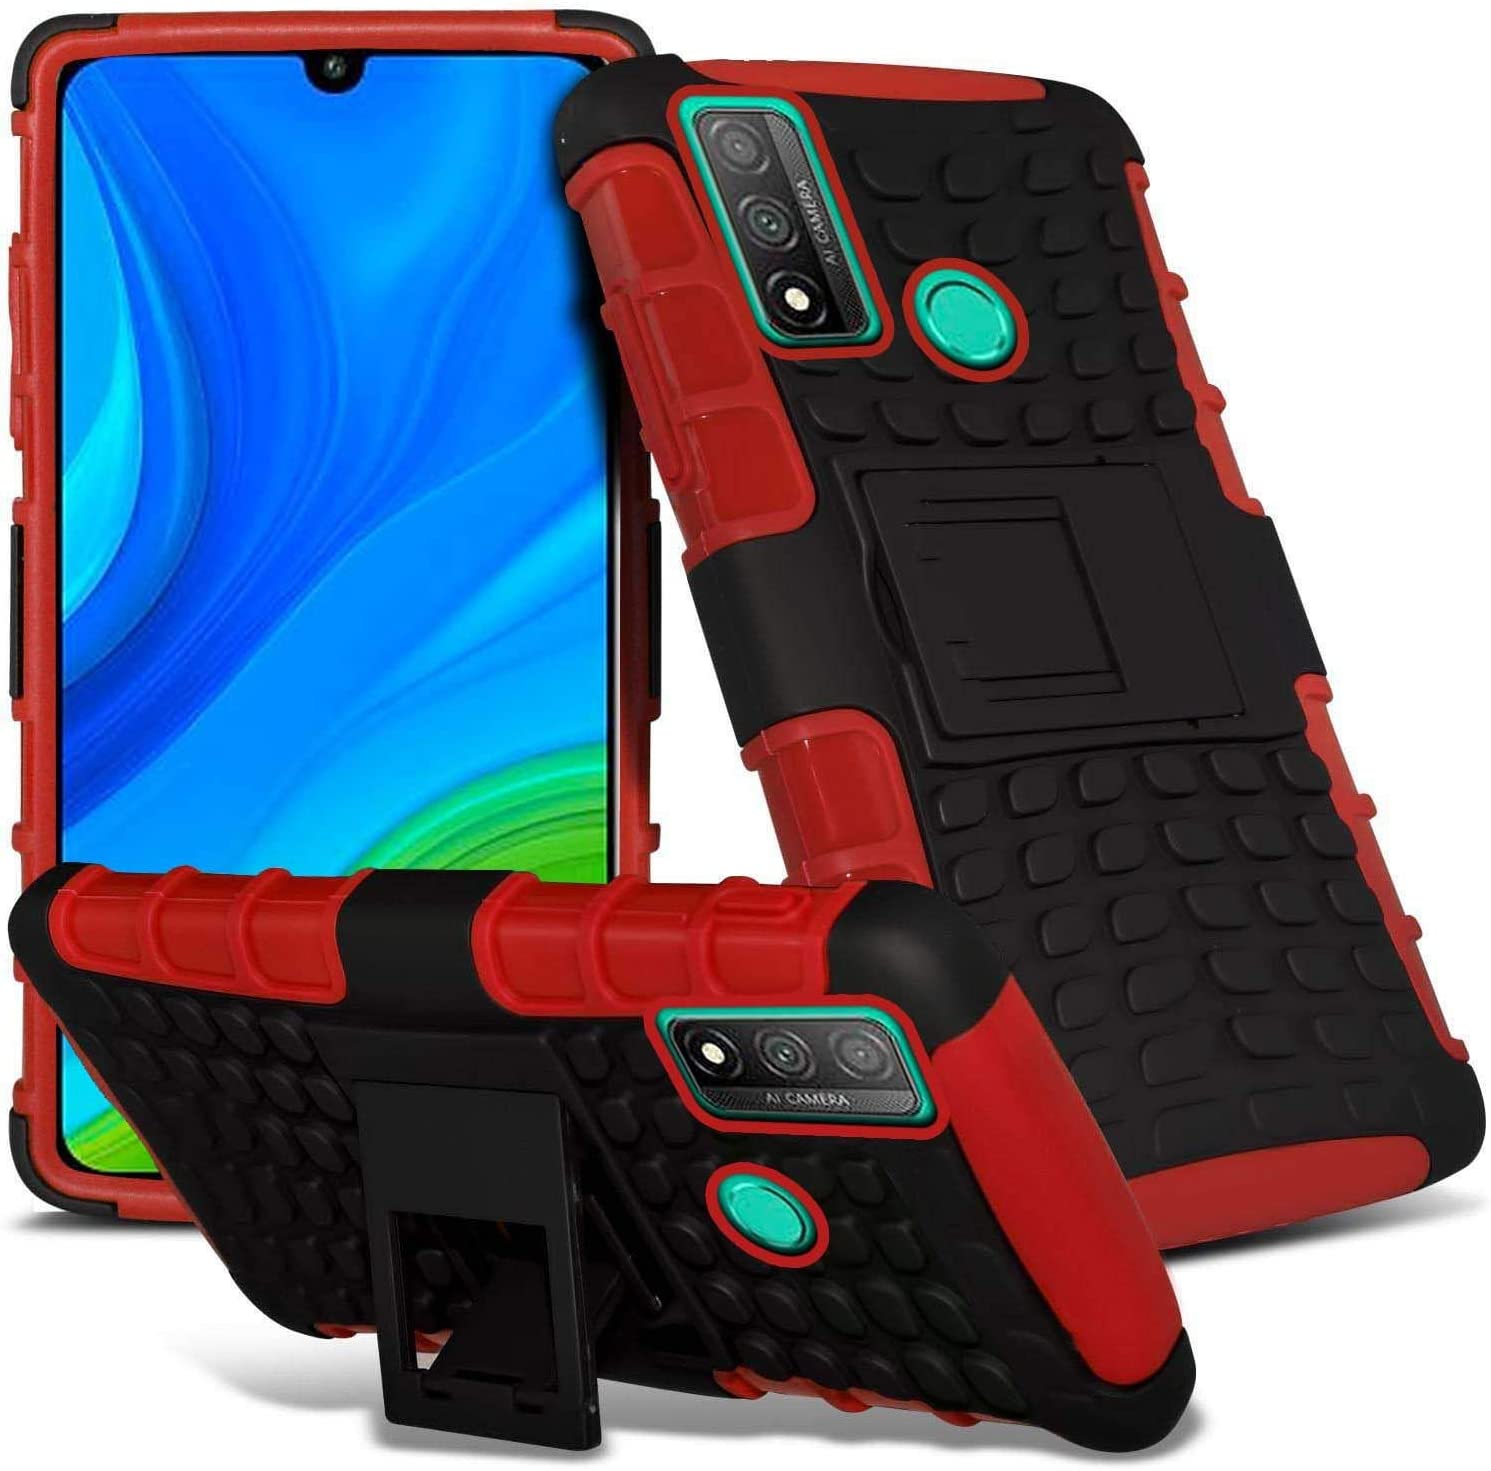 Gadget Giant Funda A Prueba De Golpes Para Huawei P Smart ...